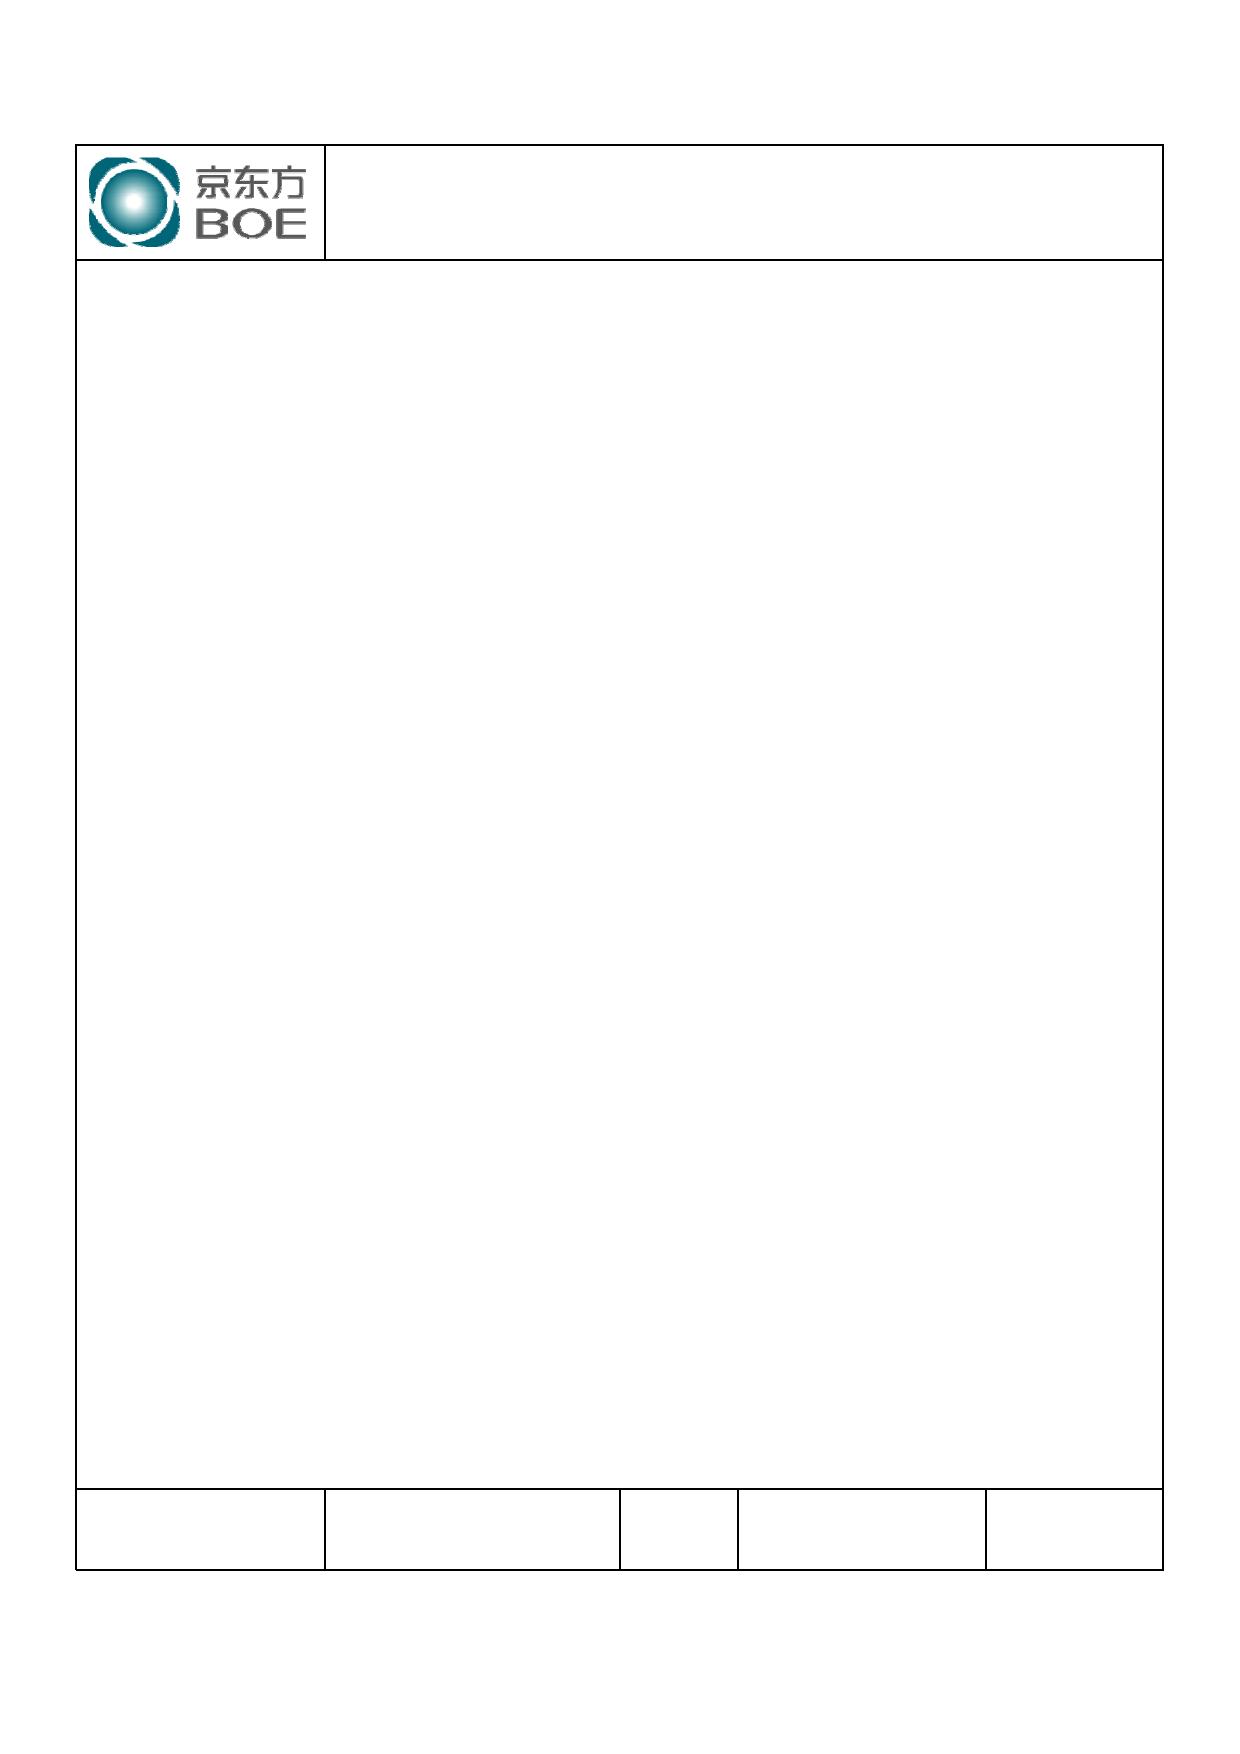 HV070WSA-100 Datasheet, HV070WSA-100 PDF,ピン配置, 機能